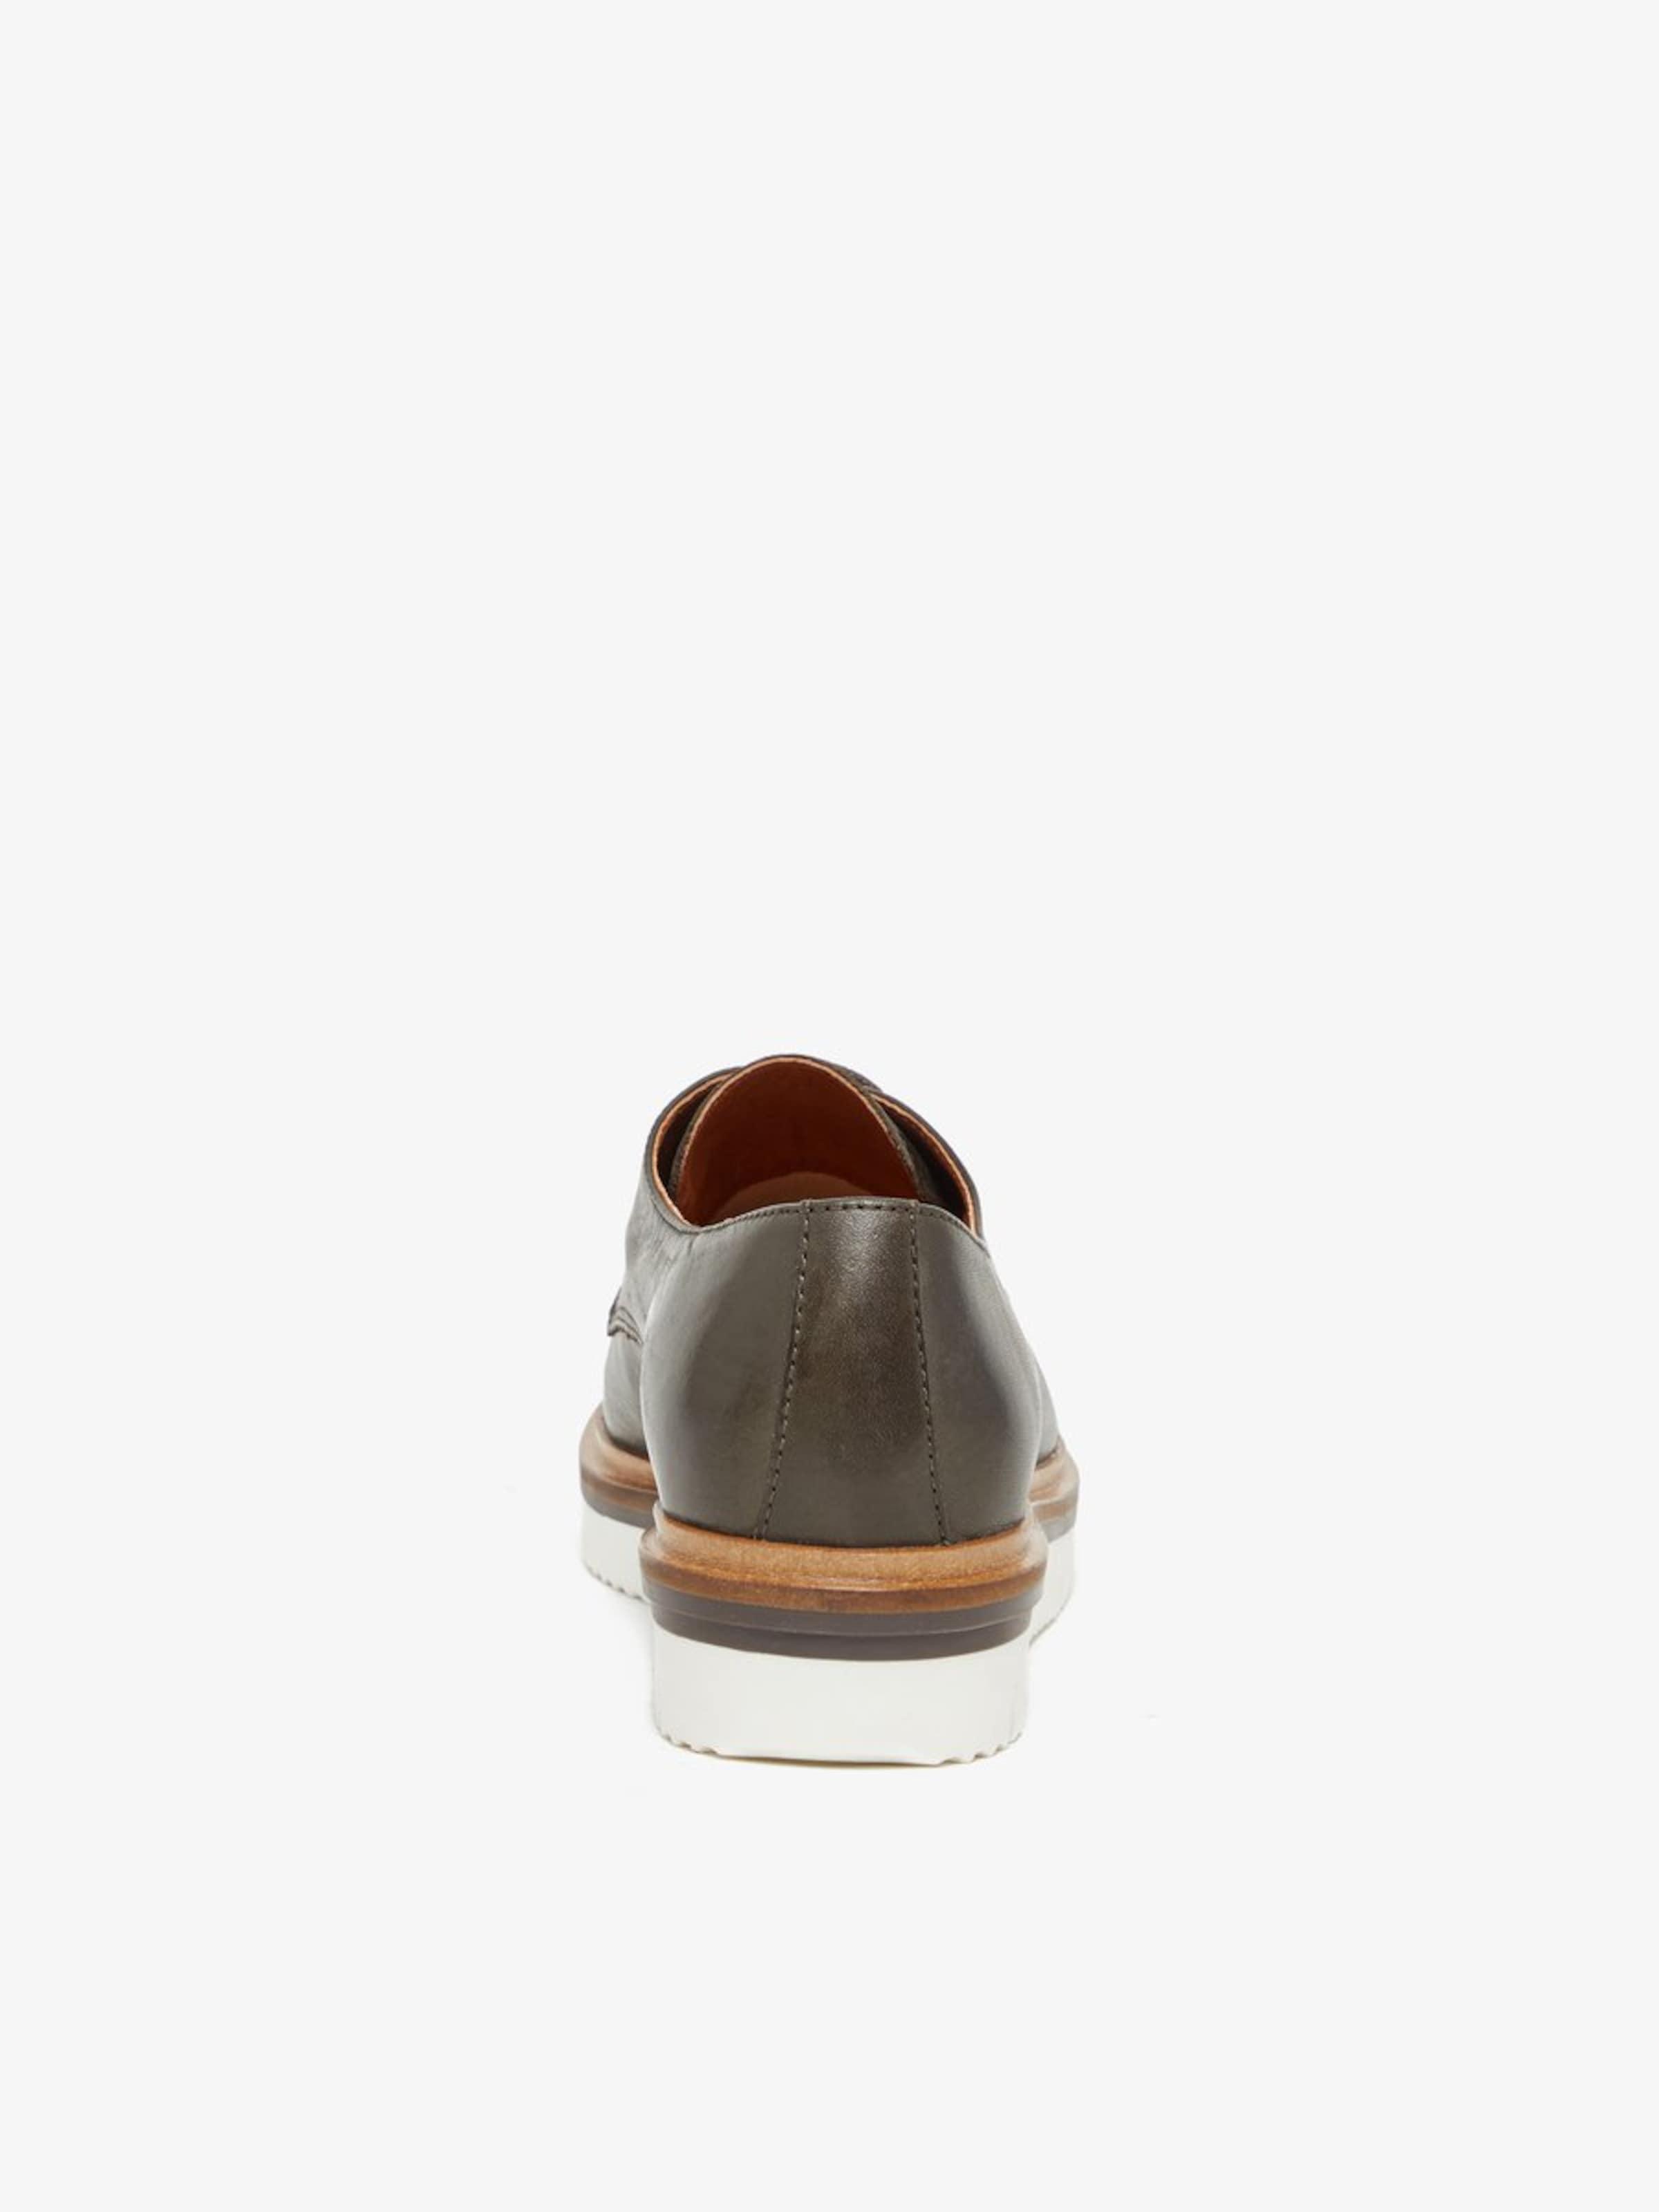 Chaussure Marron En Bianco À Lacets BoCerdxW